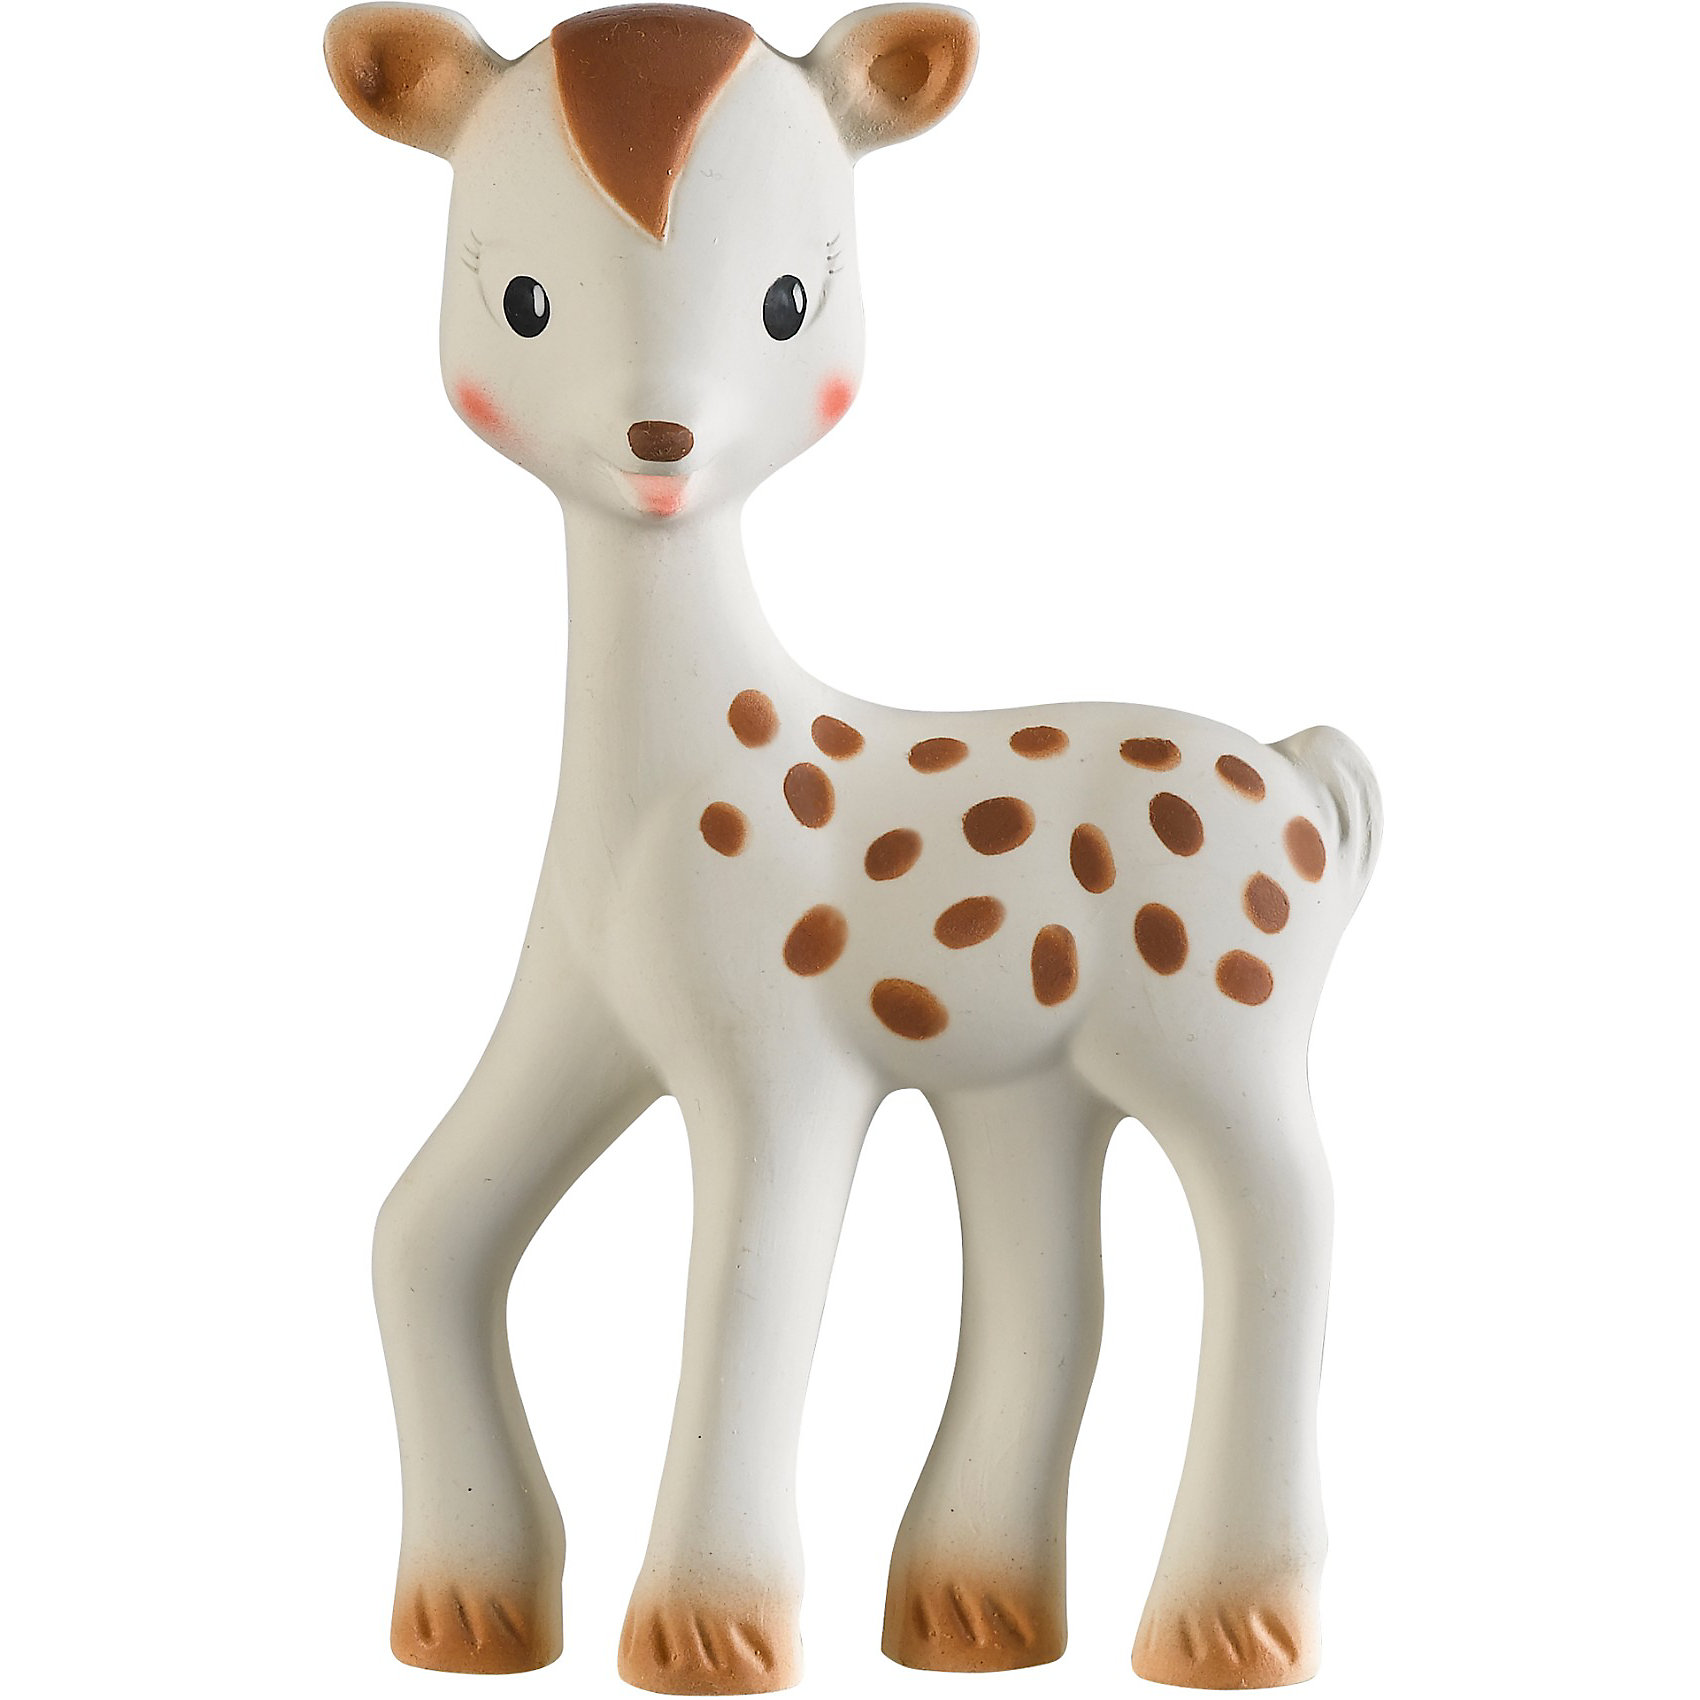 Олененок Фанфан, VulliПрорезыватели<br>Это уникальная развивающая игрушка от производителя каучуковых игрушек №1 в мире, компании VULLI. Благодаря участию в разработке игрушки ведущих французских педиатров, она не только поможет малышу снять зуд с воспаленных десен, но и будет способствовать развитию 5 органов чувств ребенка. <br>Осязание: мягкая поверхность специально разработана для стимулирования осязания. Прикасаясь к игрушке, малыш чувствует материал особой текстуры, который на подсознательном уровне напоминает ему нежную мамину кожу и успокаивает малыша, развивает тактильные ощущения. Стимулирование осязания крайне важно для ребенка – оно является основой для развития речи и способности выражать мысли в более позднем возрасте.<br>Зрение: контрастные цветные элементы на теле олененка научат малыша различать цвета, фокусировать зрение на мелких объектах разных форм и разовьют внимание, что поможет малышу успешнее познавать окружающий мир в дальнейшем. <br>Слух: при нажатии на игрушку, малыш услышит писк и будет учиться понимать причинно-следственную связь между действием (нажатием) и звуком.<br>Моторика и координация: форма, плотность, выступающие части – были специально разработаны для массажа ладошек малыша. Играя с олененком Фанфаном, малыш будет стимулировать развитие нервных окончаний на кончиках пальцев и ладошках, научится хватать и сжимать окружающие предметы – разовьет хватательный рефлекс.<br>Обоняние: натуральный аромат каучука стимулирует органы обоняния – малыш научится отличать Фанфана от других игрушек. <br>Смягчает боль в деснах в период прорезывания зубов: нежная текстура  делает Фанфана идеальной игрушкой для смягчения боли в деснах. Ушки и ножки имеют особую форму –малыш полюбит их жевать растущими зубами. Благодаря рельефным частям игрушки, малыш сможет утолить естественный сосательный рефлекс .<br>Игрушка абсолютно безопасна для ребенка: при производстве используется только пищевая краска  и 100% натуральный каучук (сок дерева Гевеи).<br><br